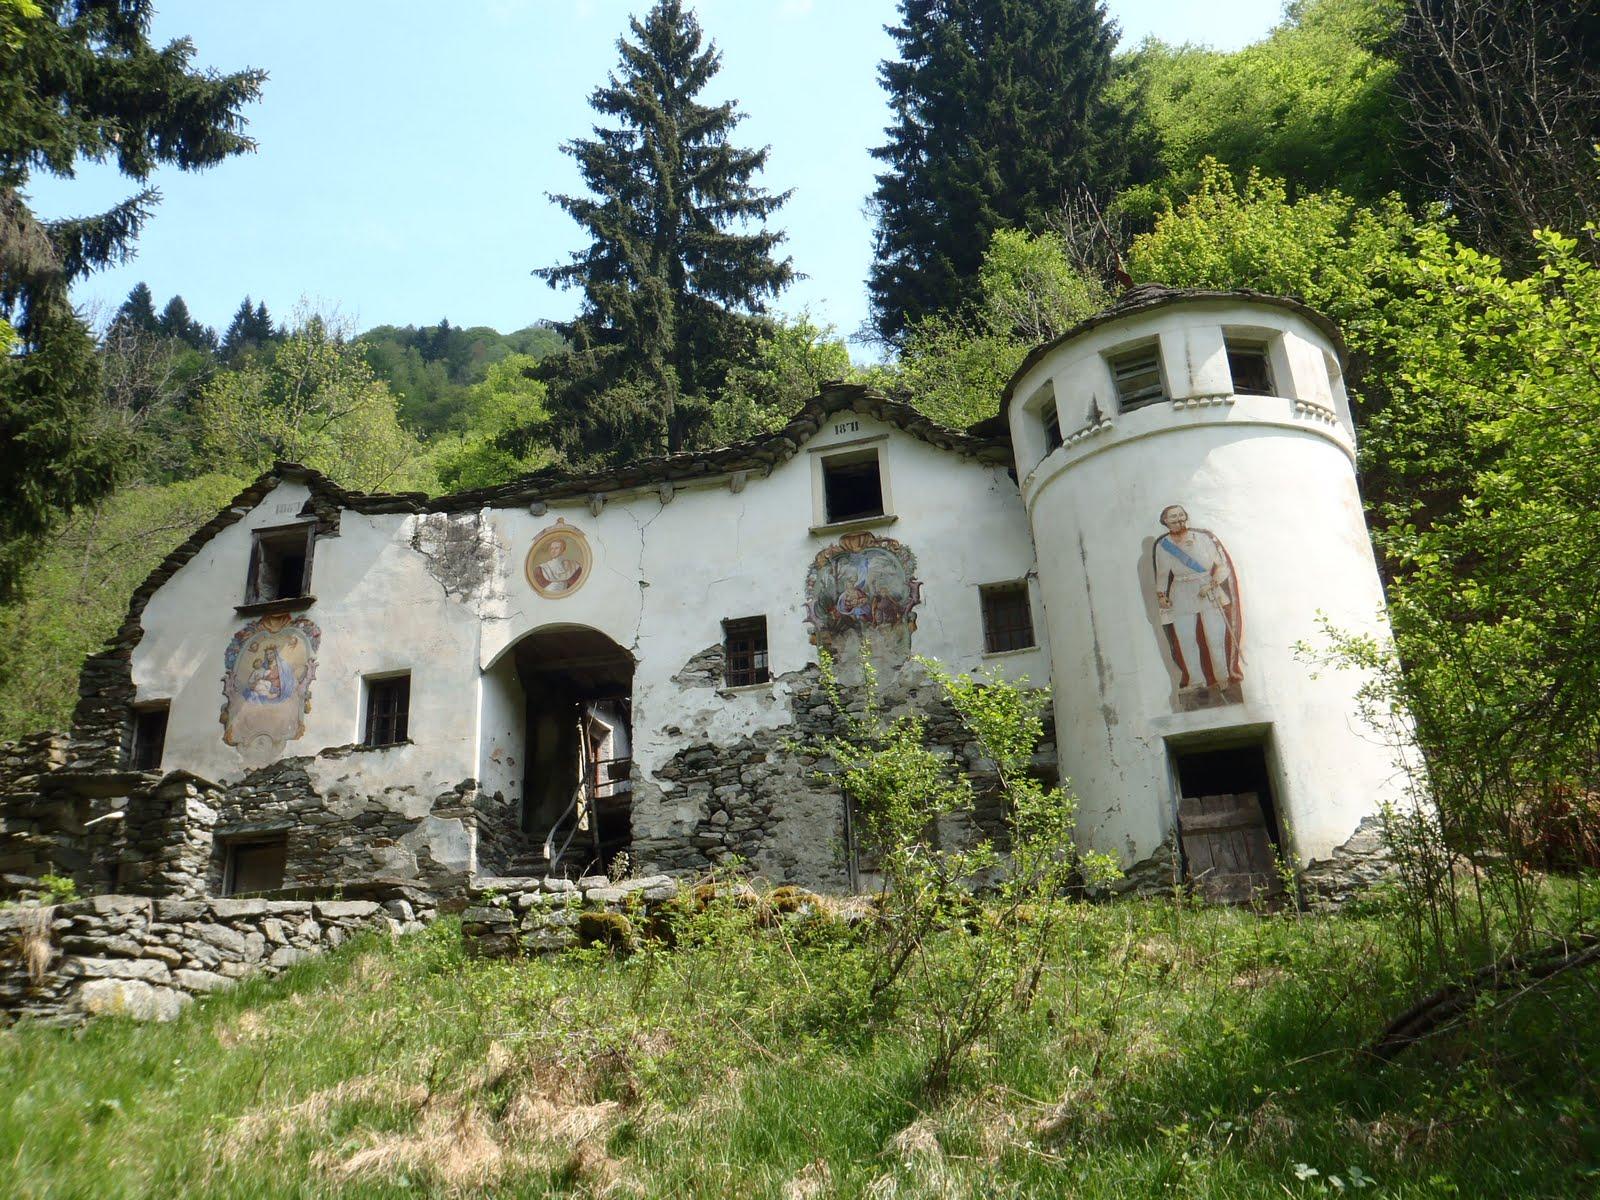 Malati di montagna nella penombra del sottobosco alla colma masset 1530 m - Riscaldare velocemente casa montagna ...